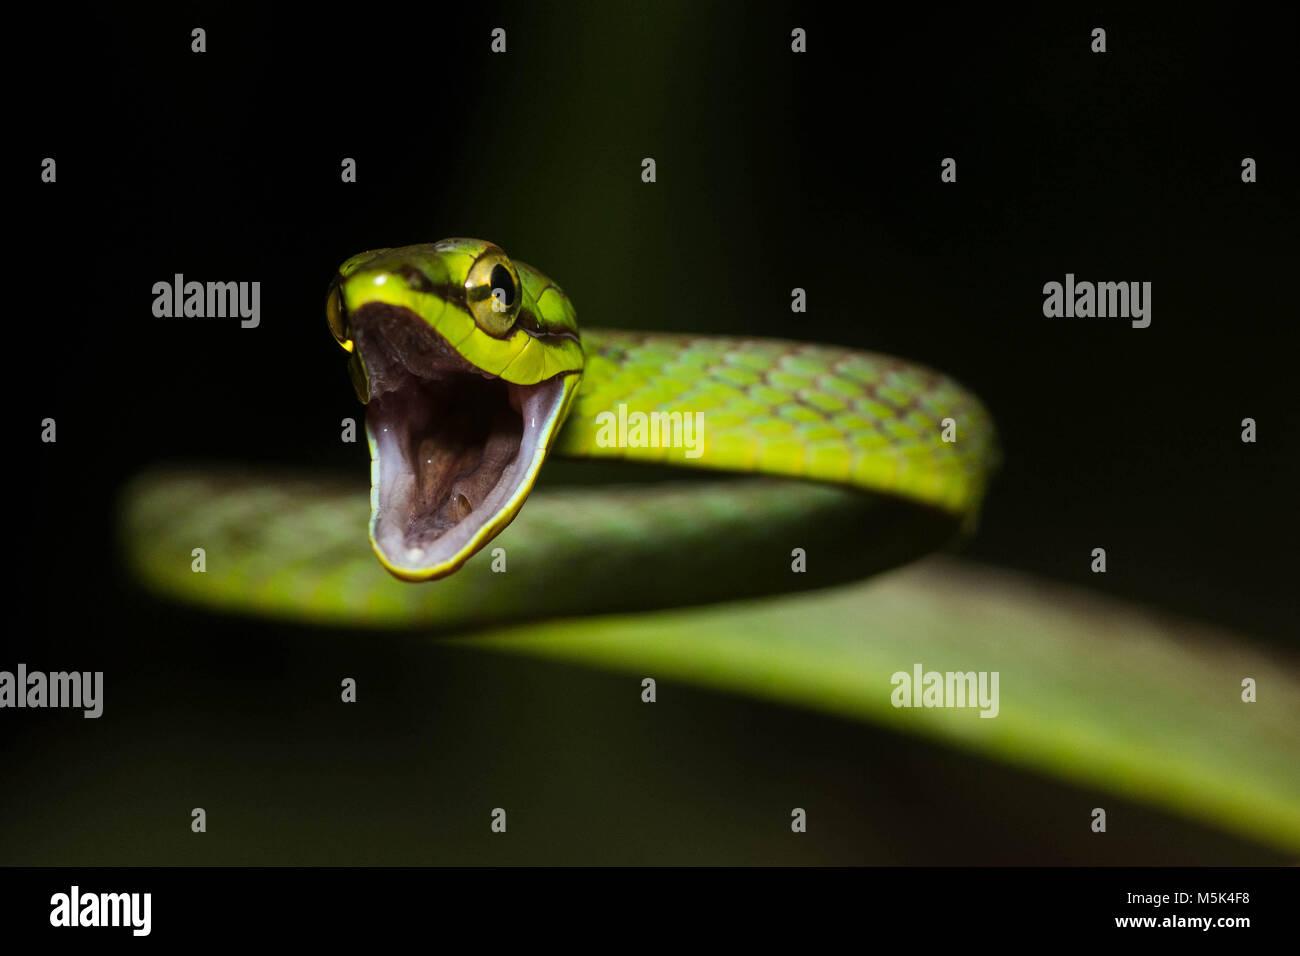 Una vid cope snake (Oxybelis brevirostris) intenta mirar tan duro como sea posible, a fin de ahuyentar a los depredadores. Foto de stock